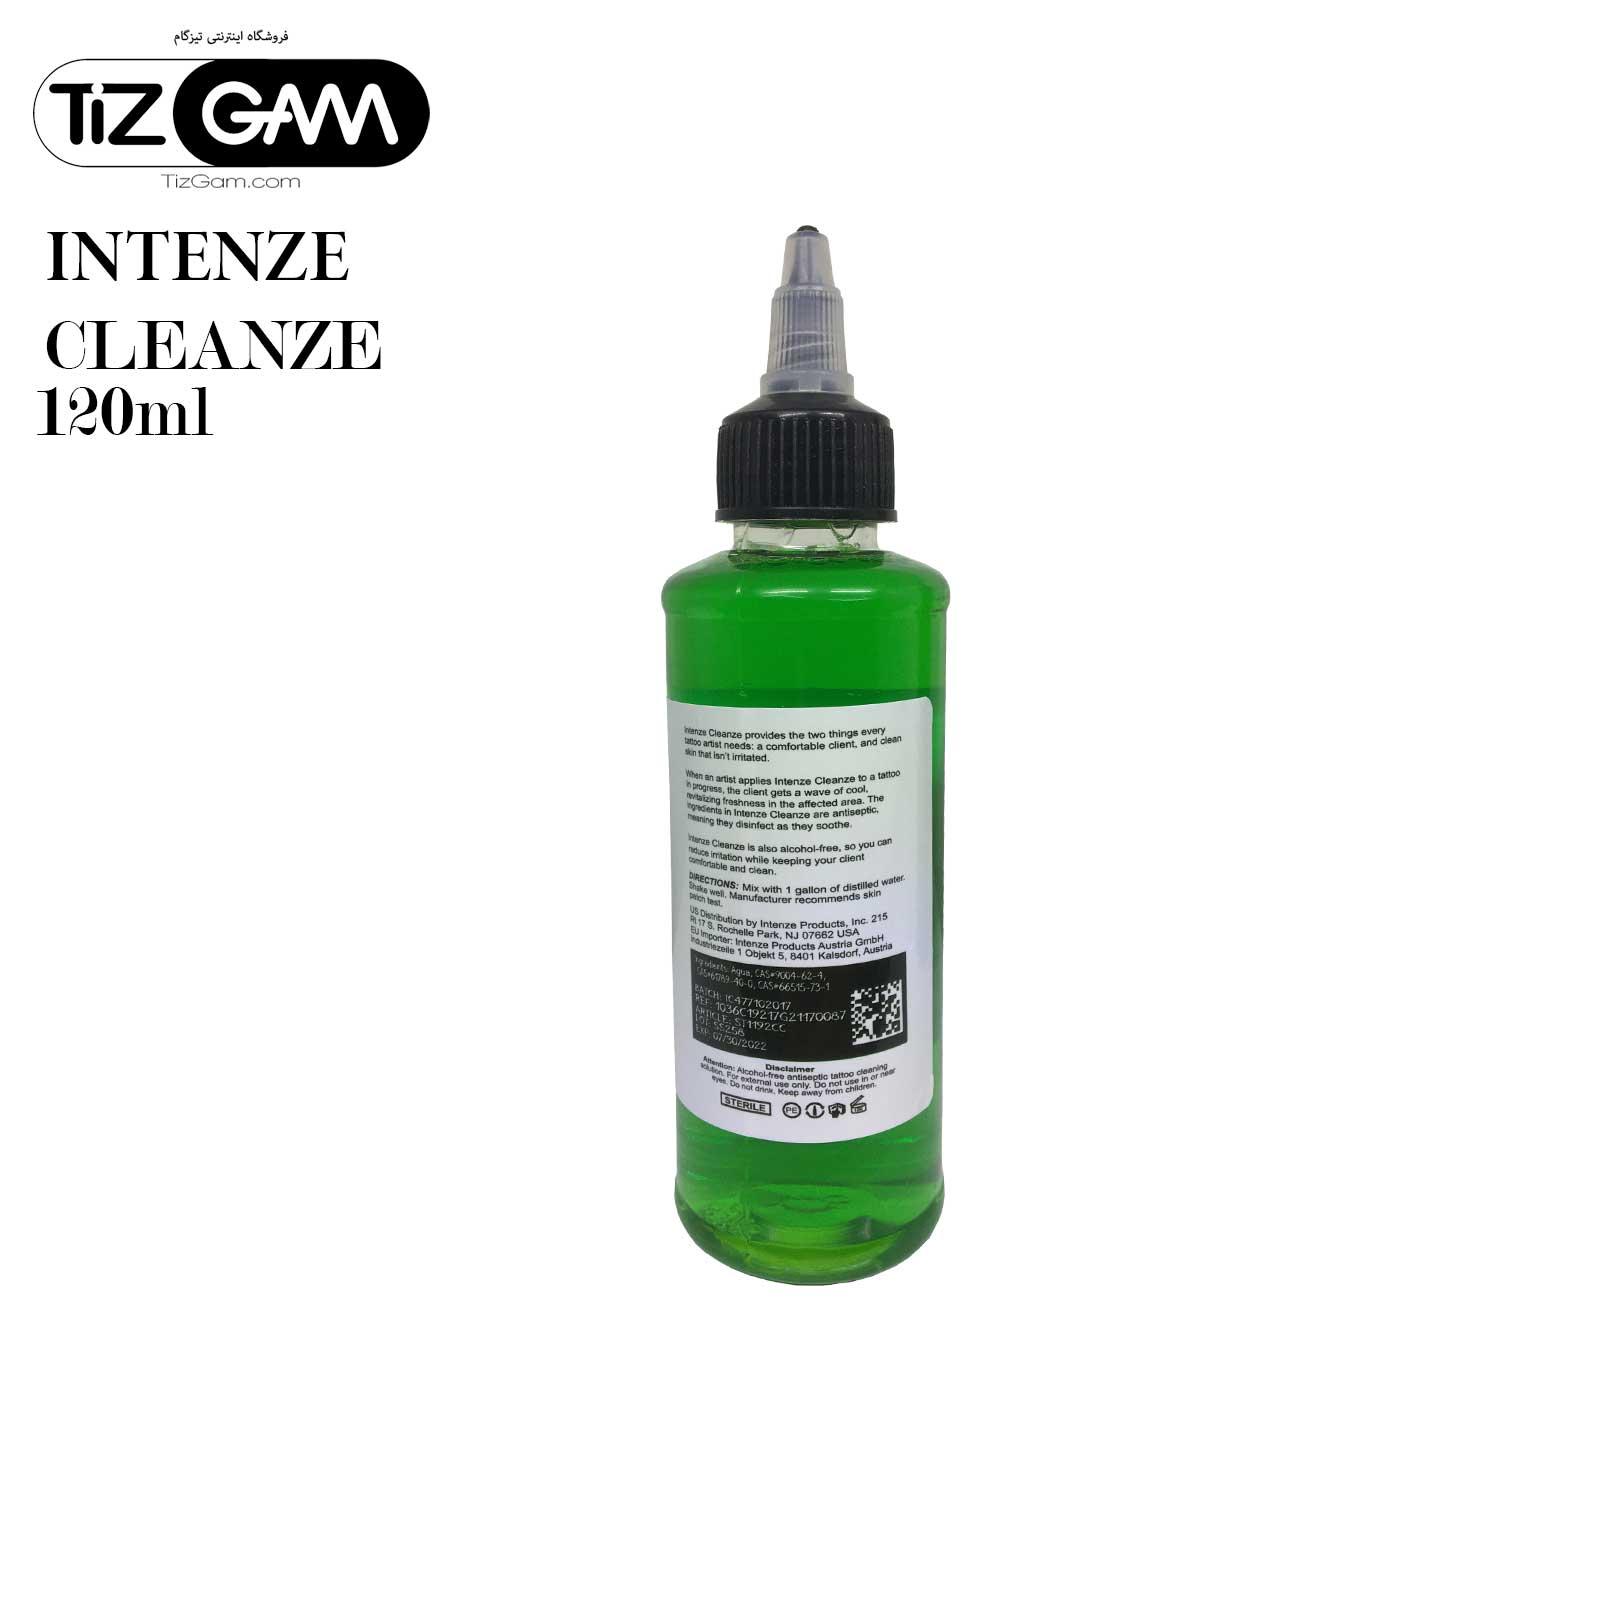 محلول-کلینزر-تاتو-اینتنز-پاک-کننده-شست-و-شو-رنگ-تاتو-تیزگام-intenze-cleanze-tatoo-tizgam اورجینال orginal